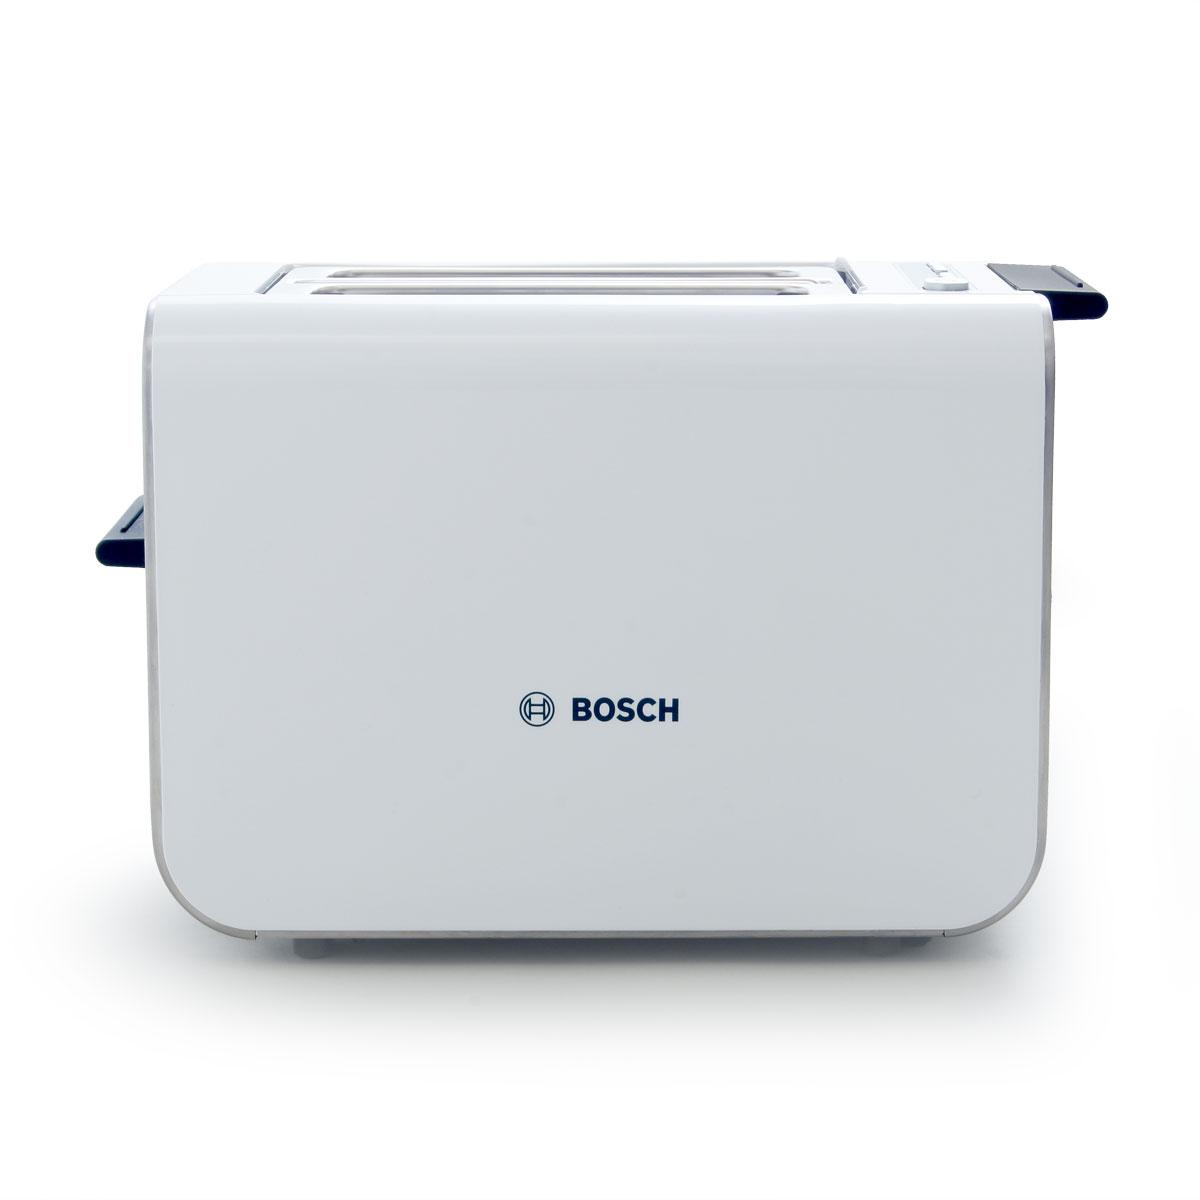 Produktdesign Toaster für Bosch Siemens Hausgeräte